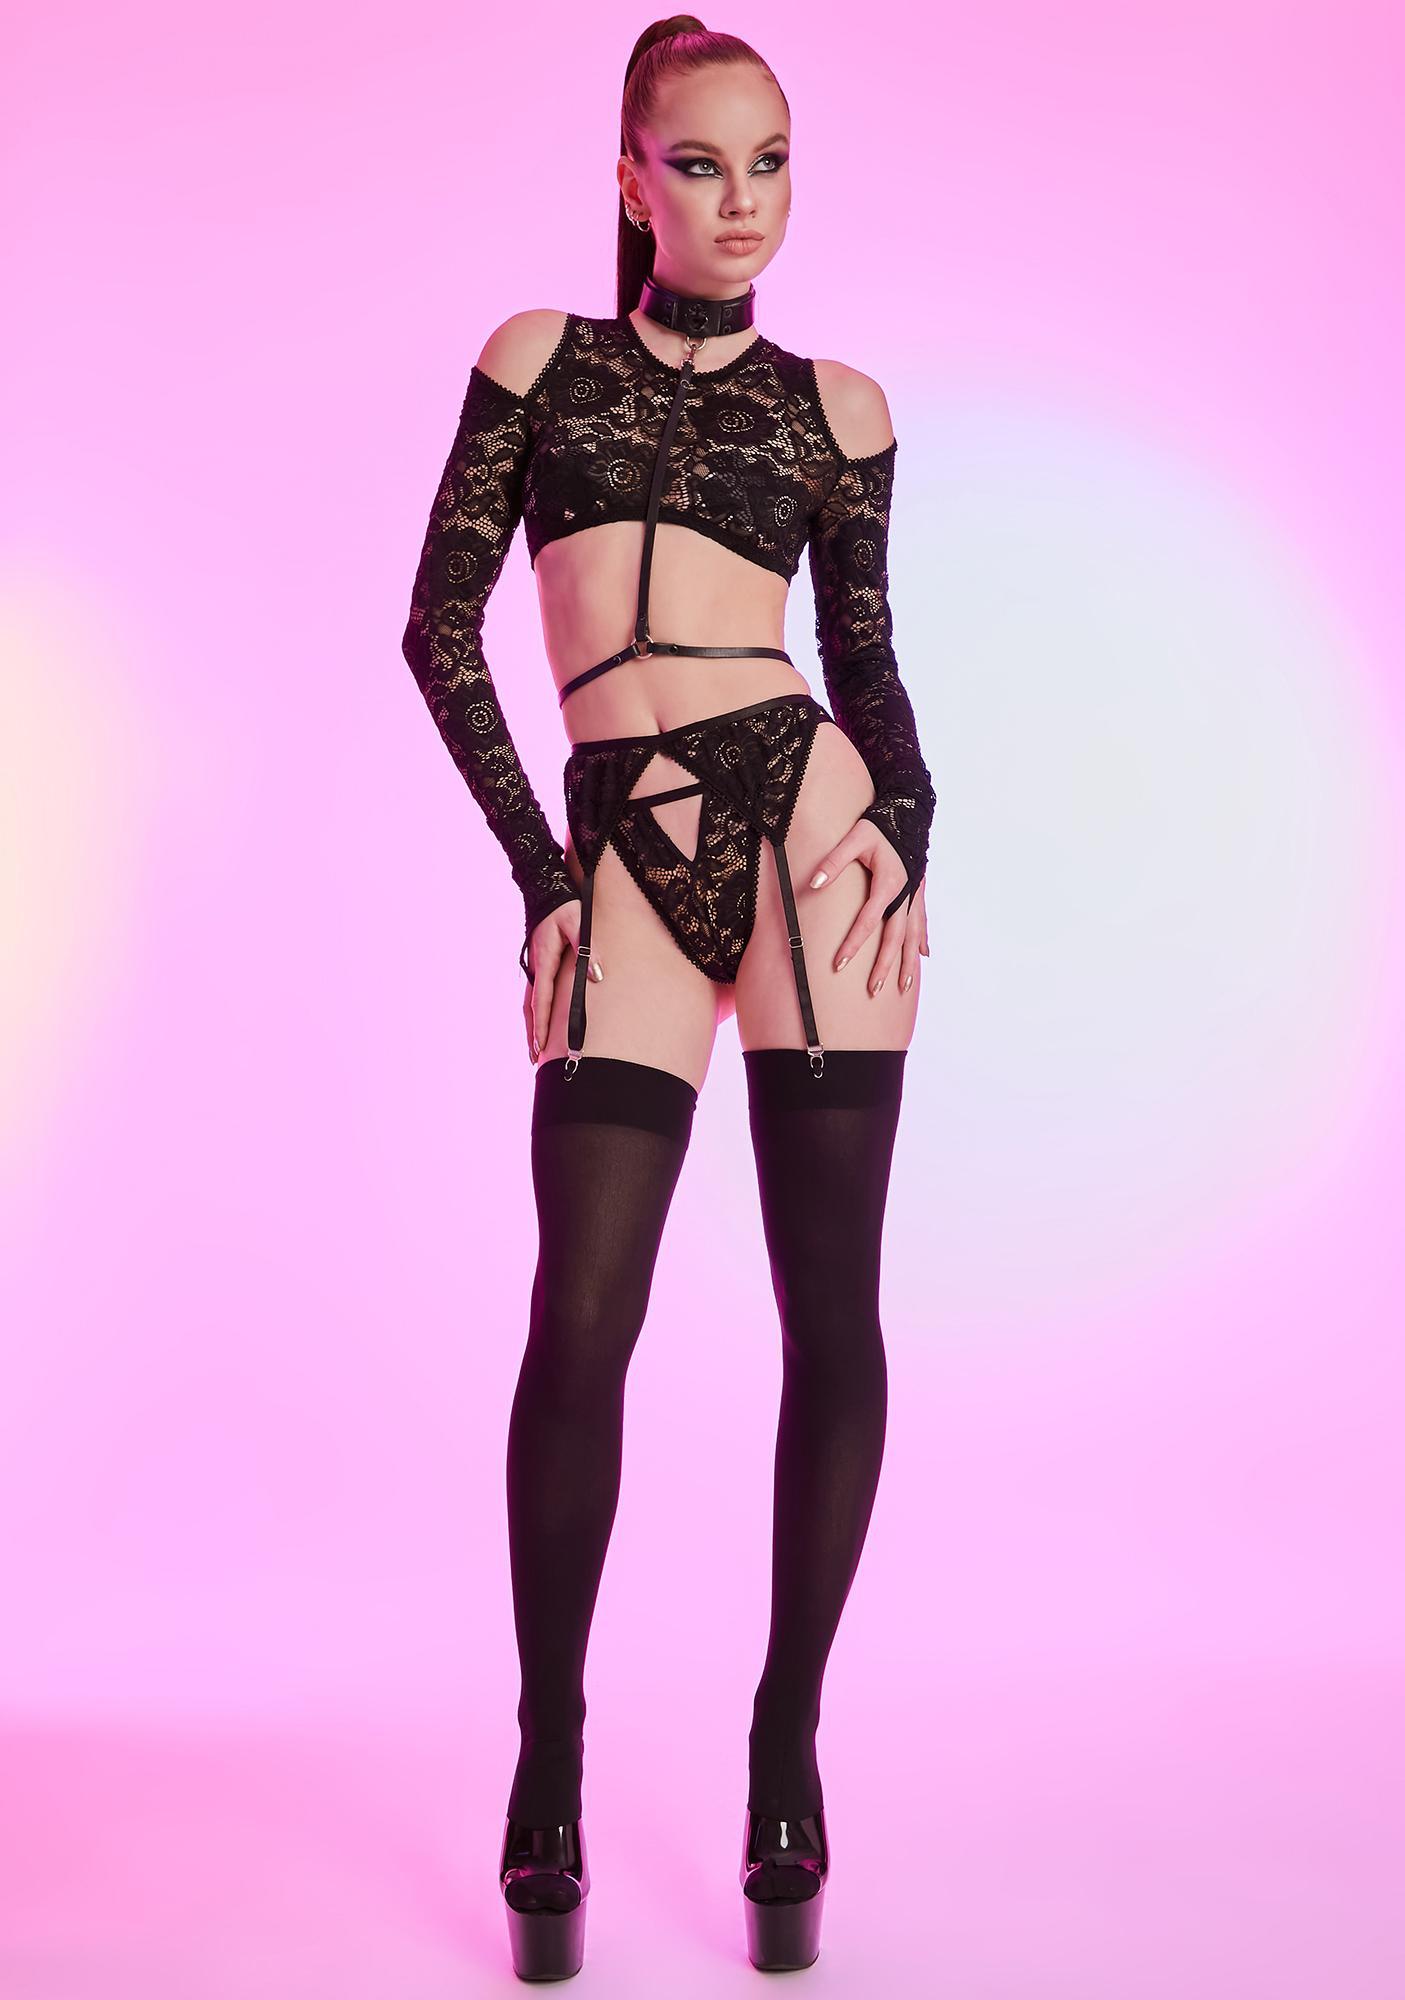 HOROSCOPEZ Secret Life Lace Panty Set